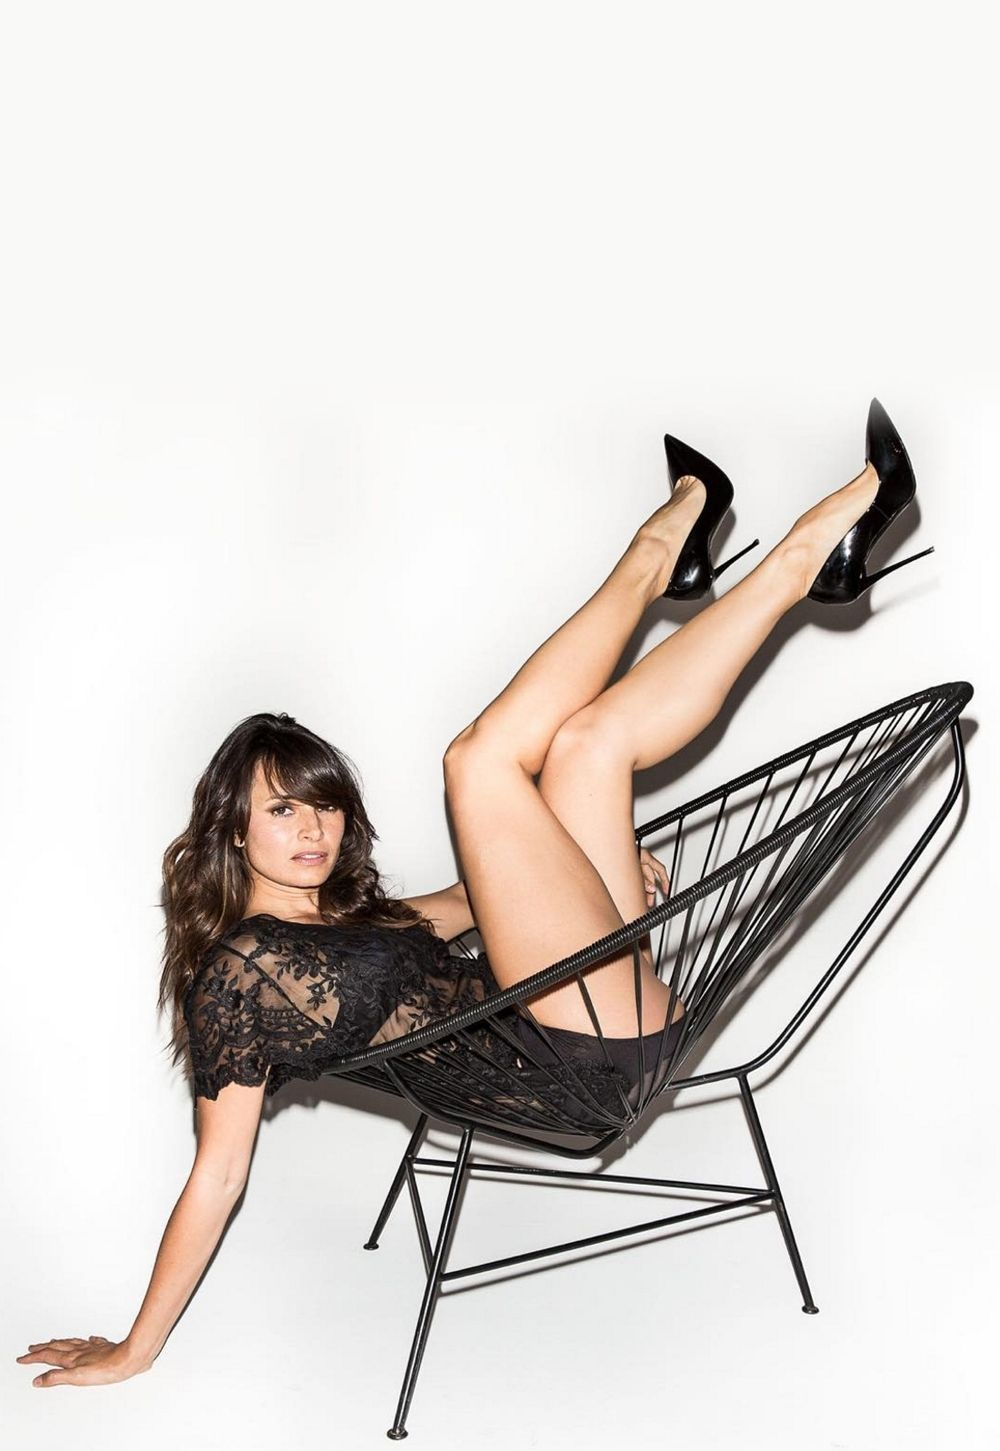 Hot Mia Maestro nudes (16 photo), Tits